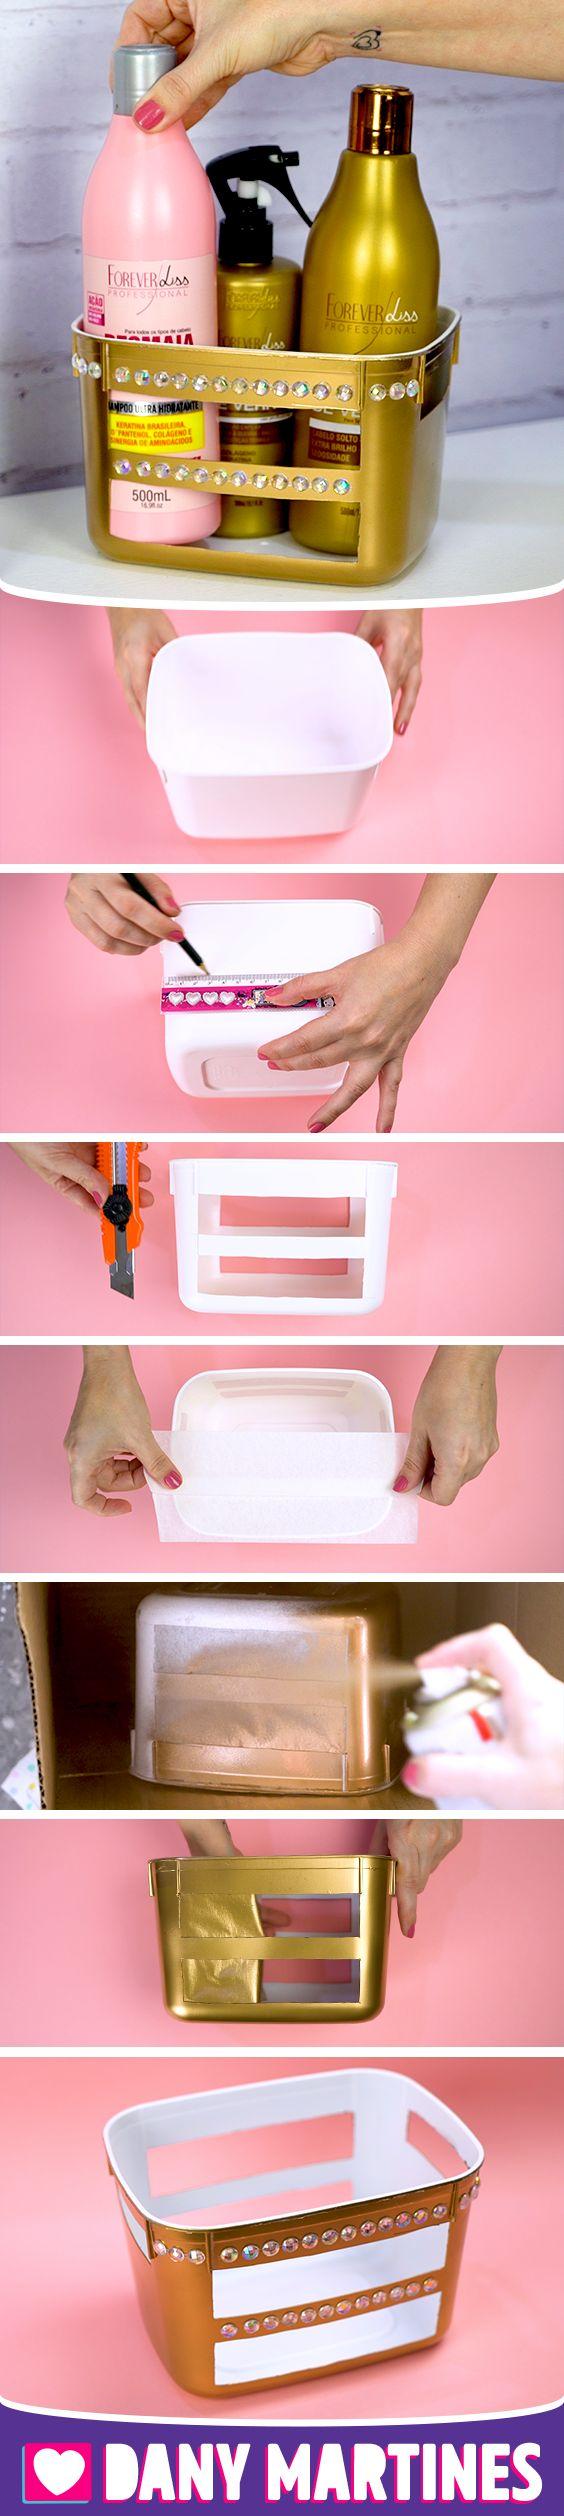 Faça você mesmo um organizador reutilizando um pote de sorvete, passo a passo, DIY, Do it yourself, lixo ao luxo, reciclagem, reaproveitando embalagens, Dany Martines